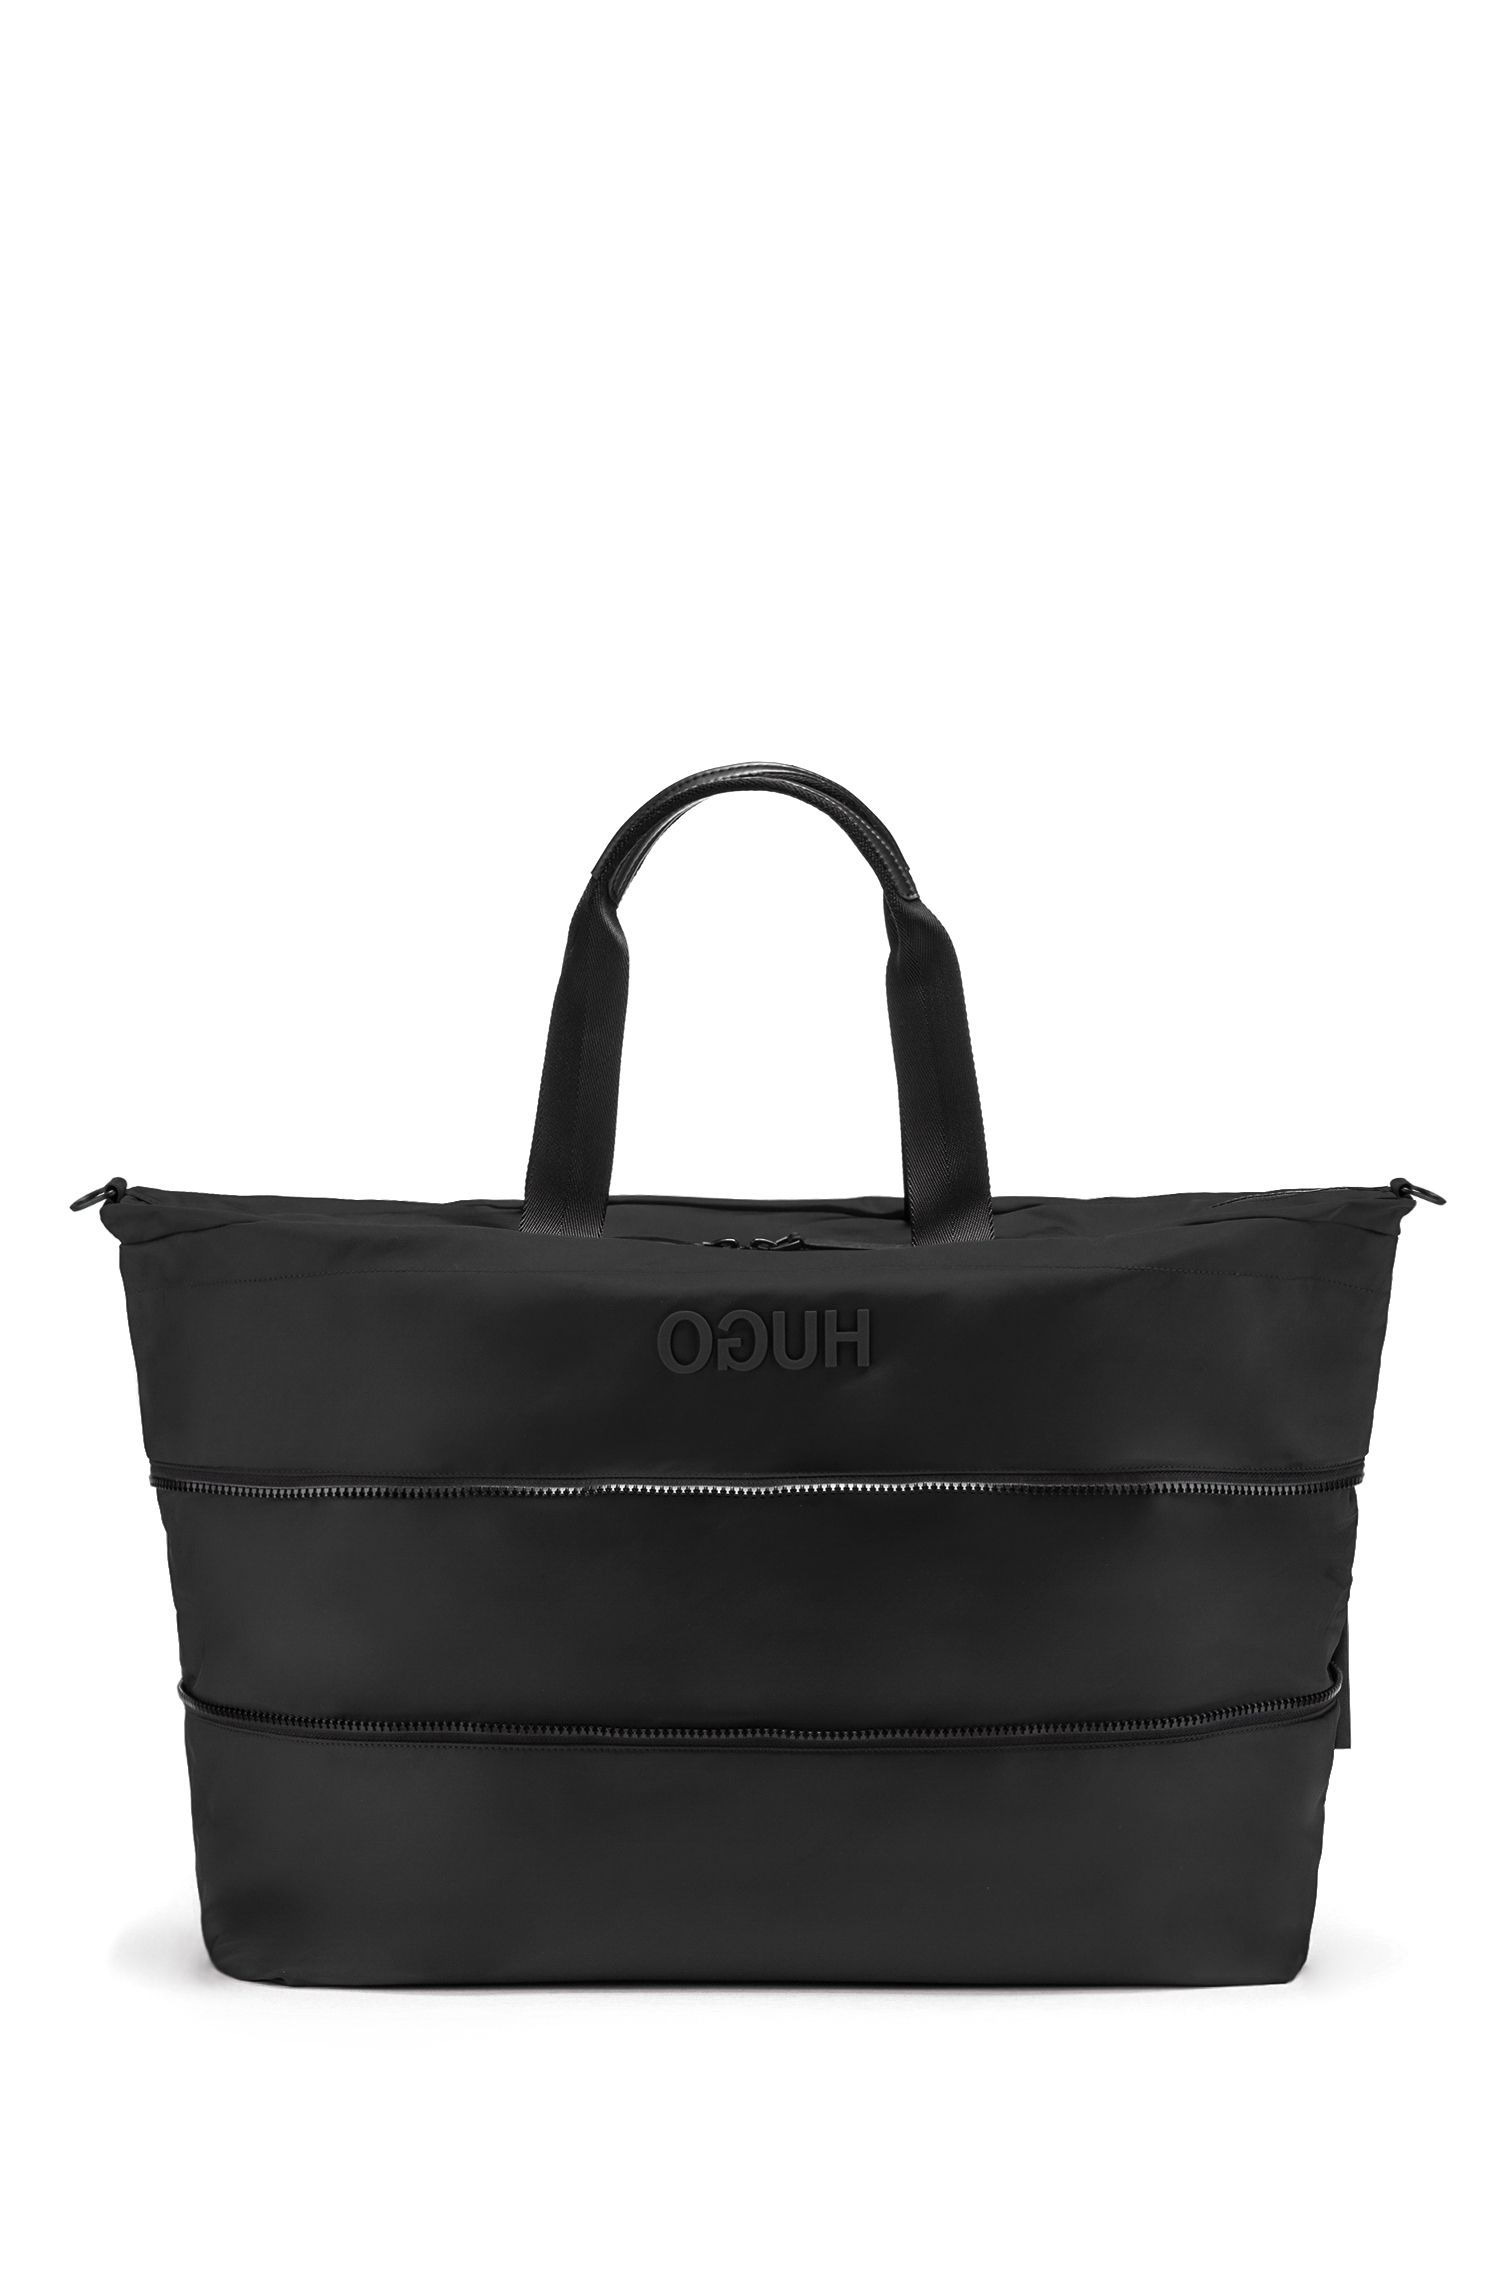 Hugo Boss - Amplio bolso weekender extensible en tejido de gabardina de nylon con logo invertido - 3